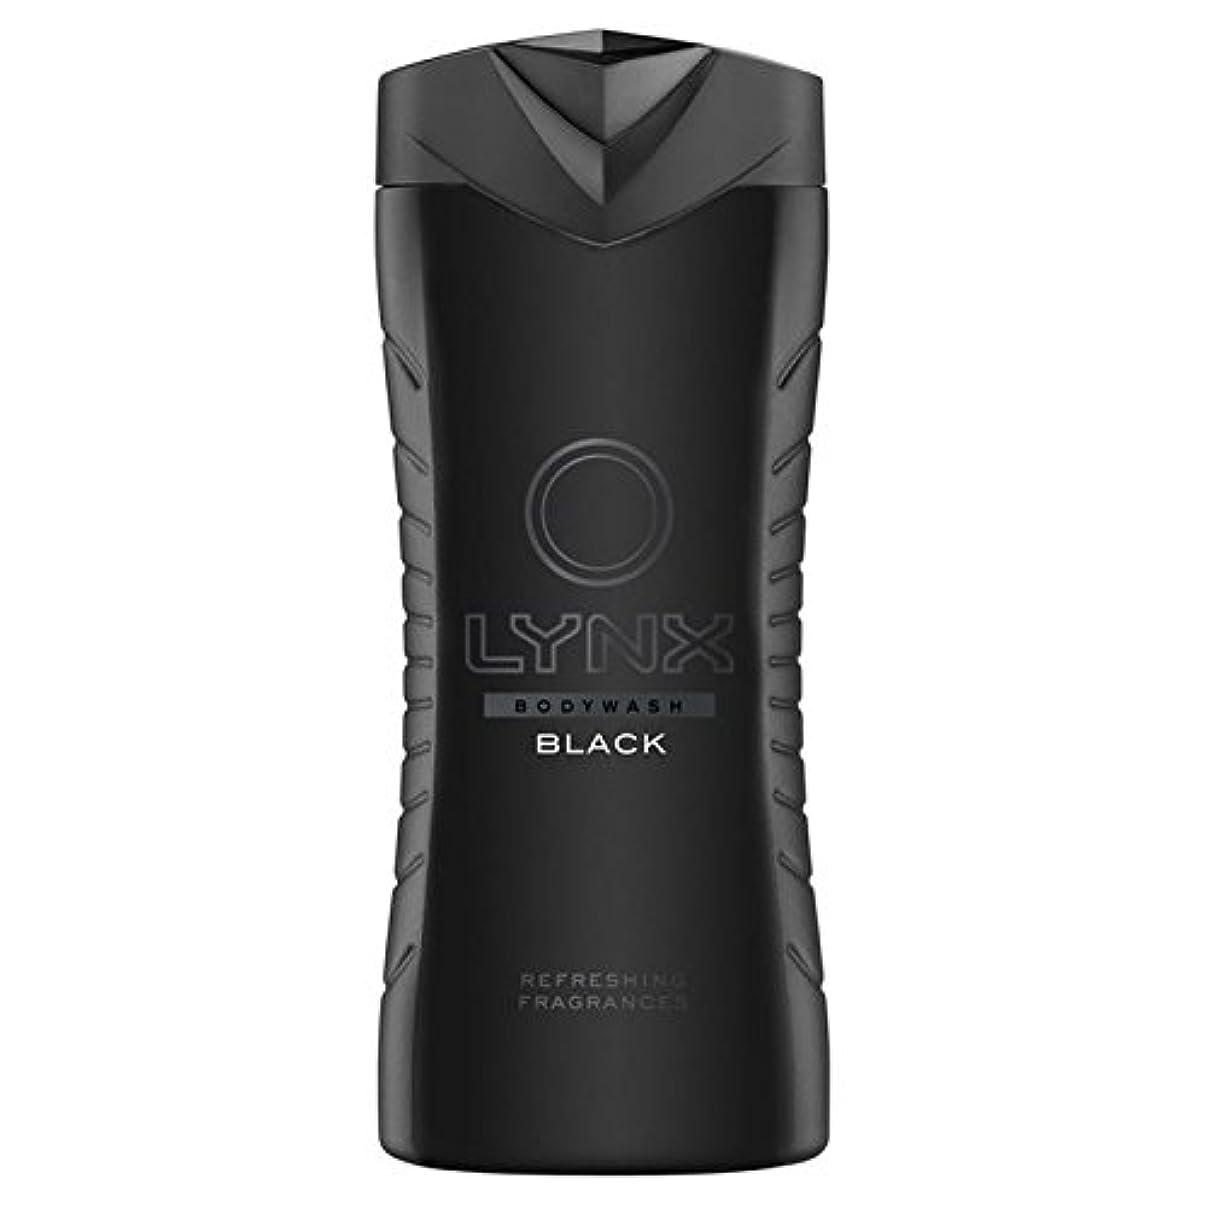 フィードオン長さ説明的Lynx Black Shower Gel 400ml (Pack of 6) - オオヤマネコブラックシャワージェル400ミリリットル x6 [並行輸入品]